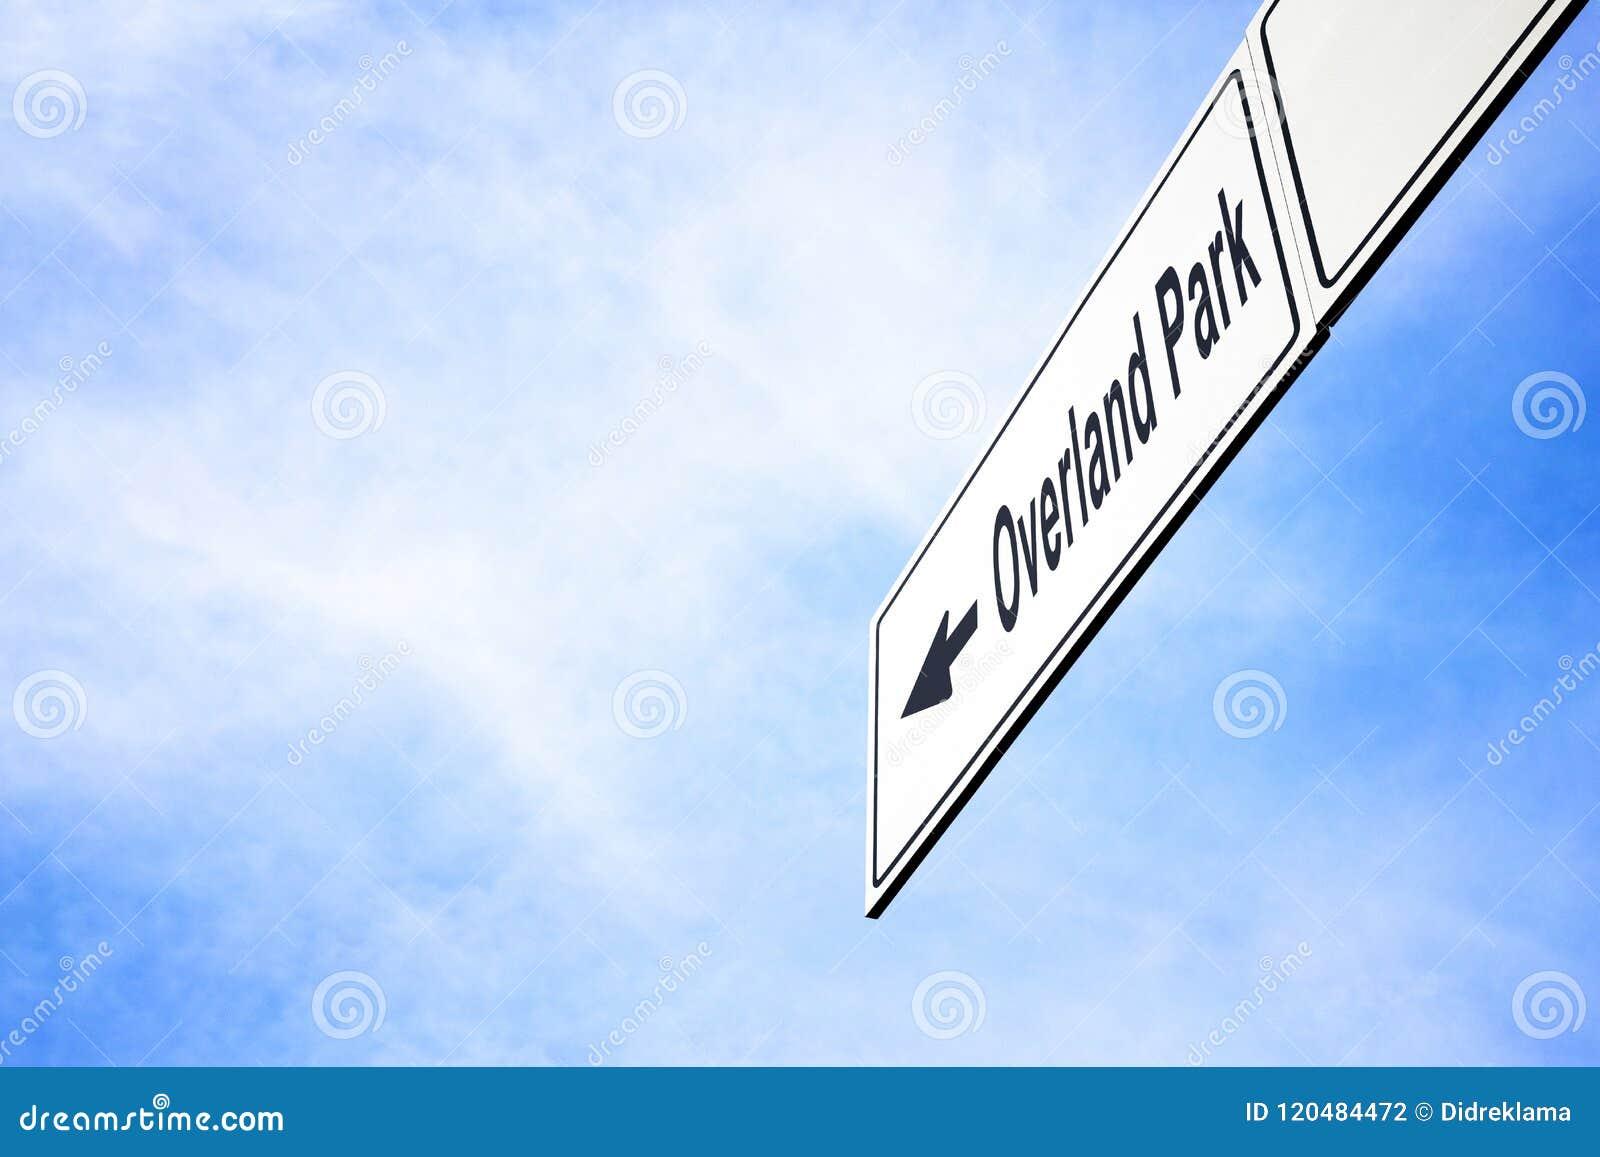 Uithangbord die naar Park Over land richten